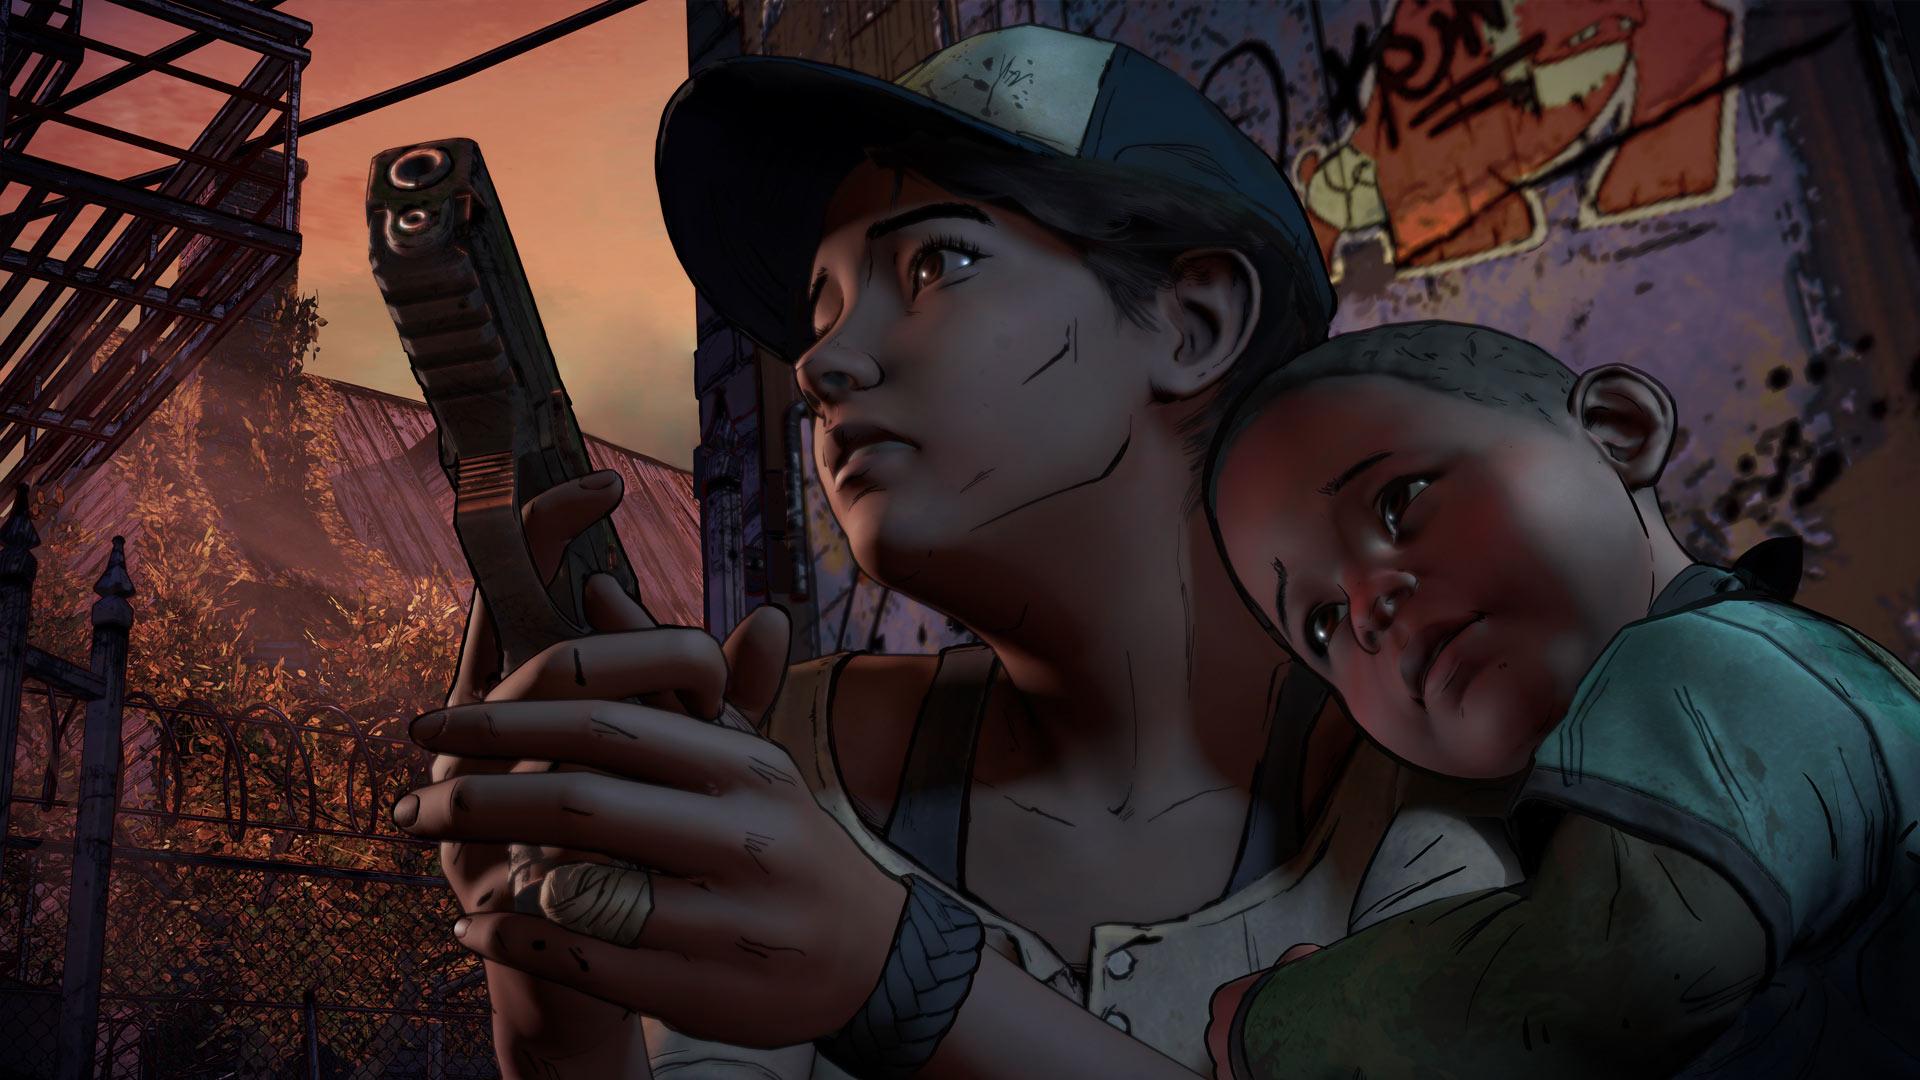 Příběh The Walking Dead: Telltale Series se uzavře koncem března